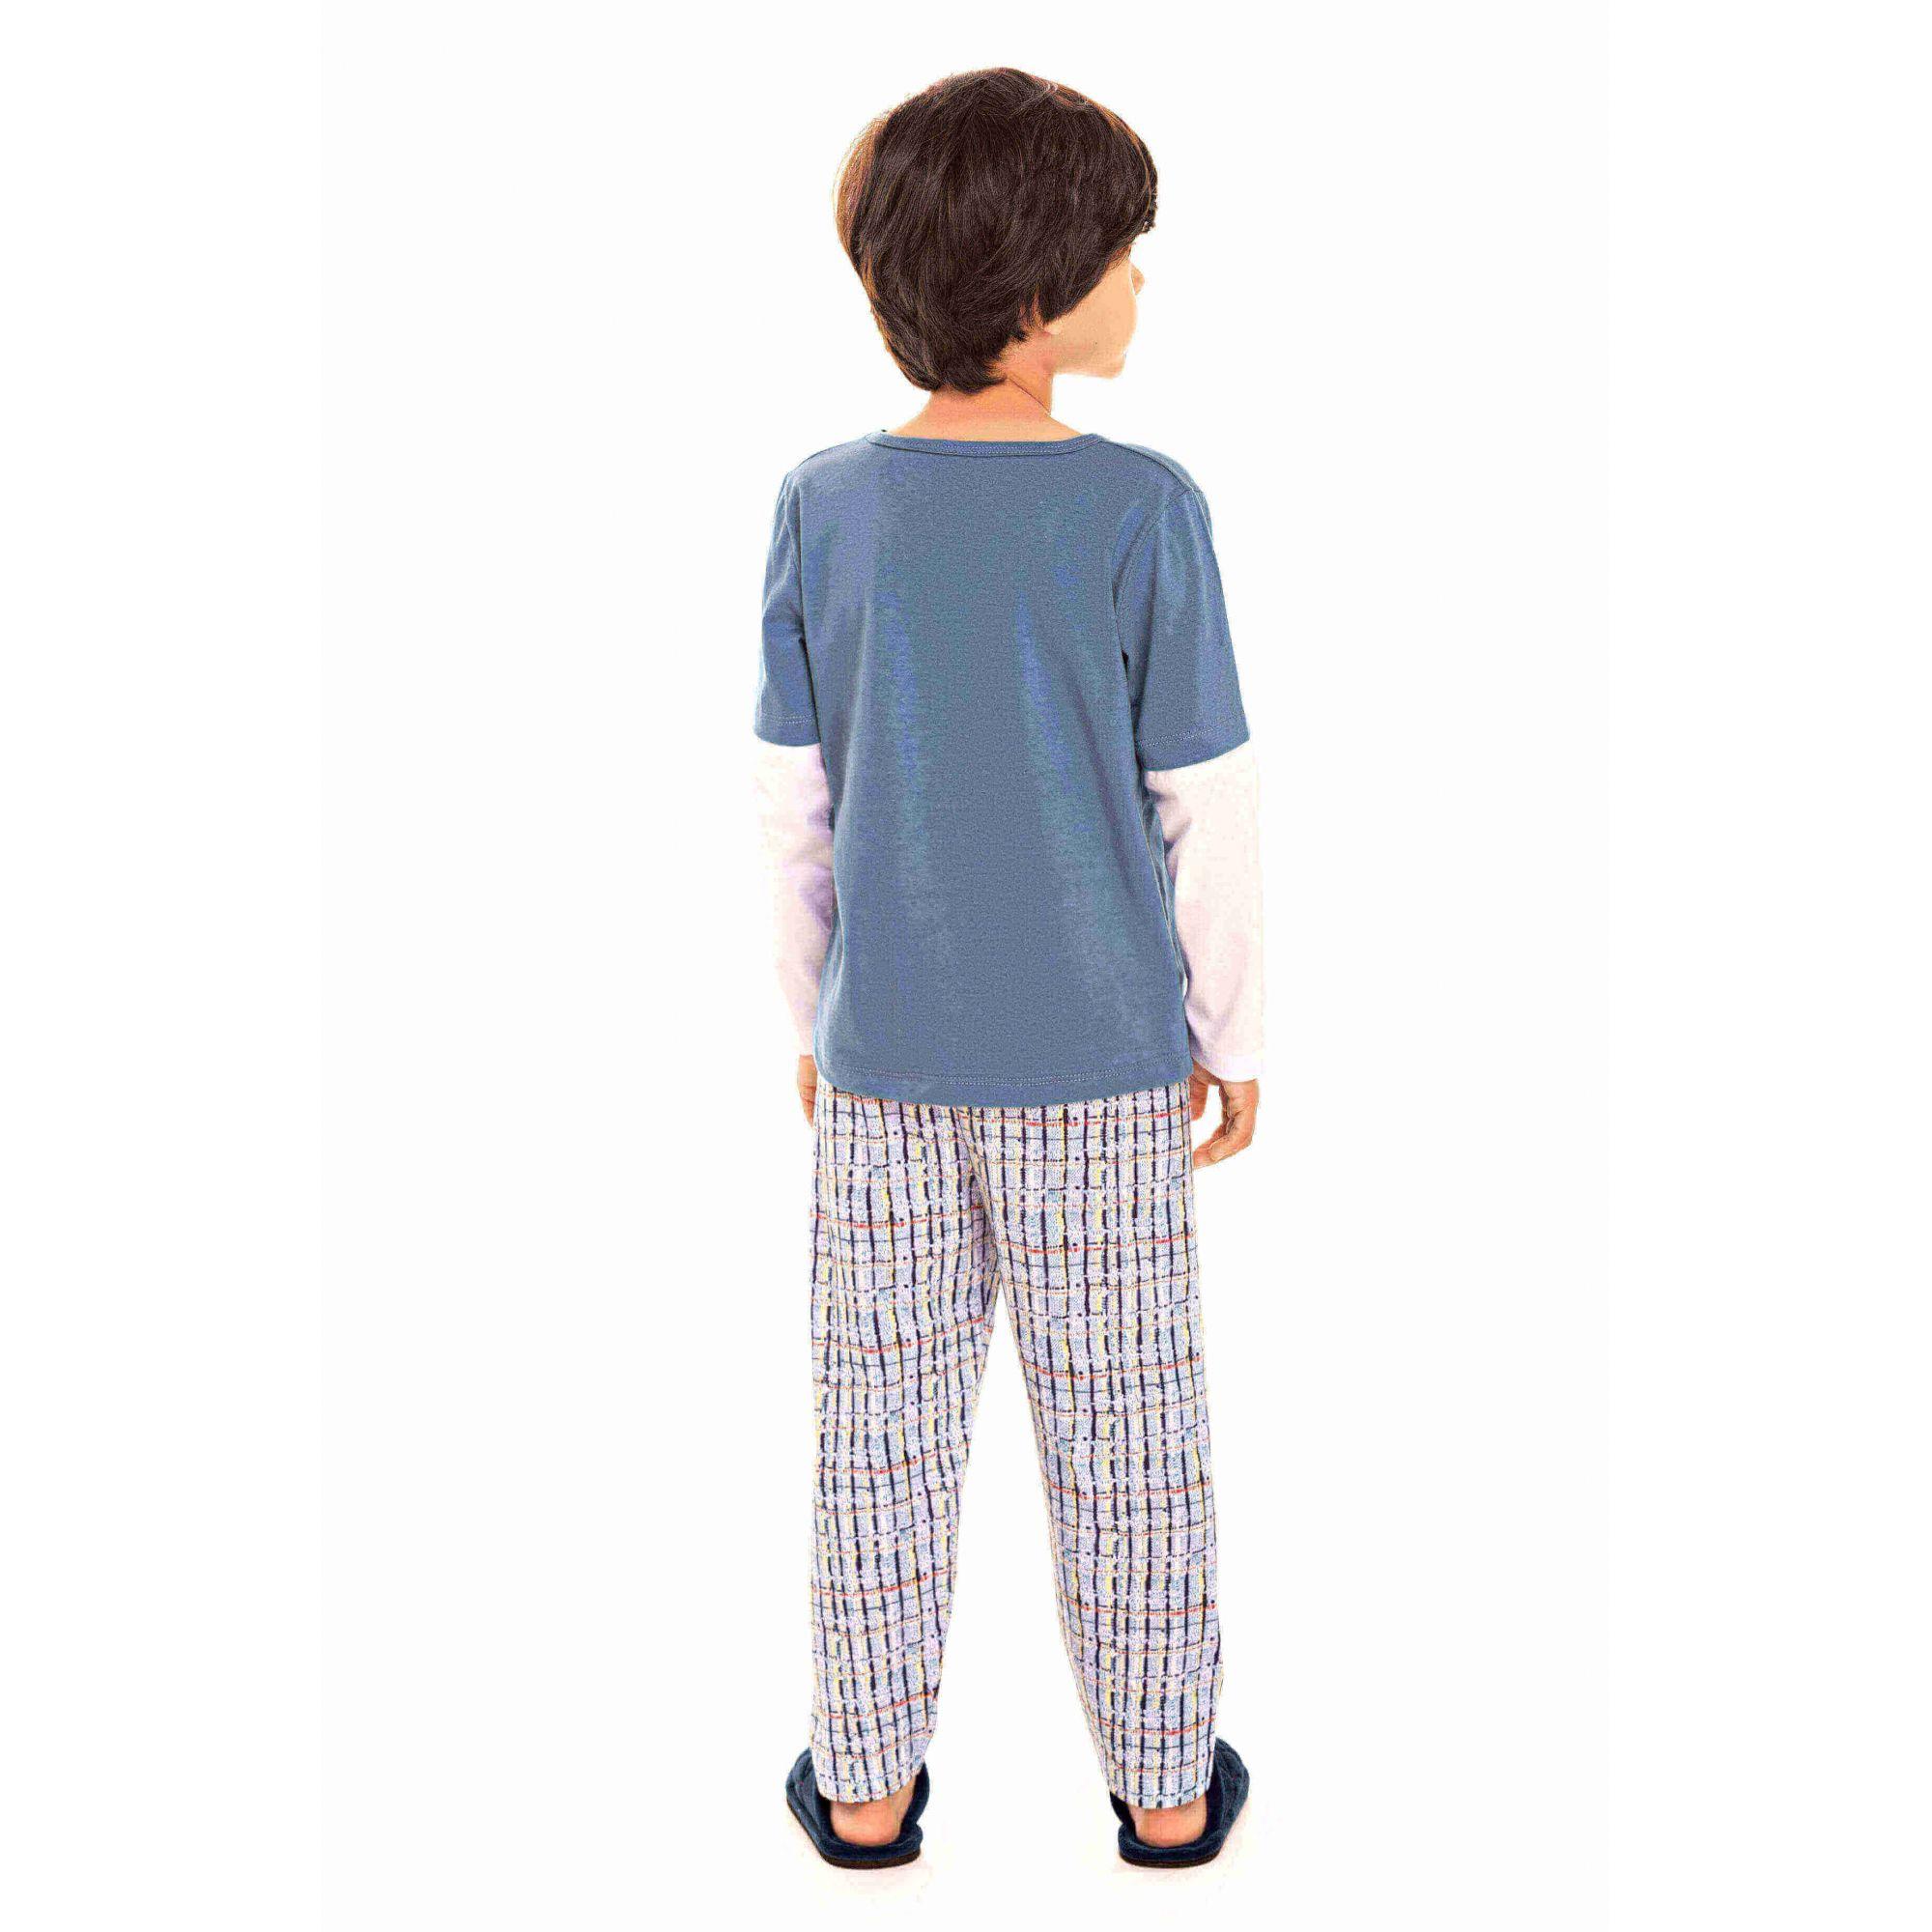 095/D - Pijama Infantil Masculino Dog